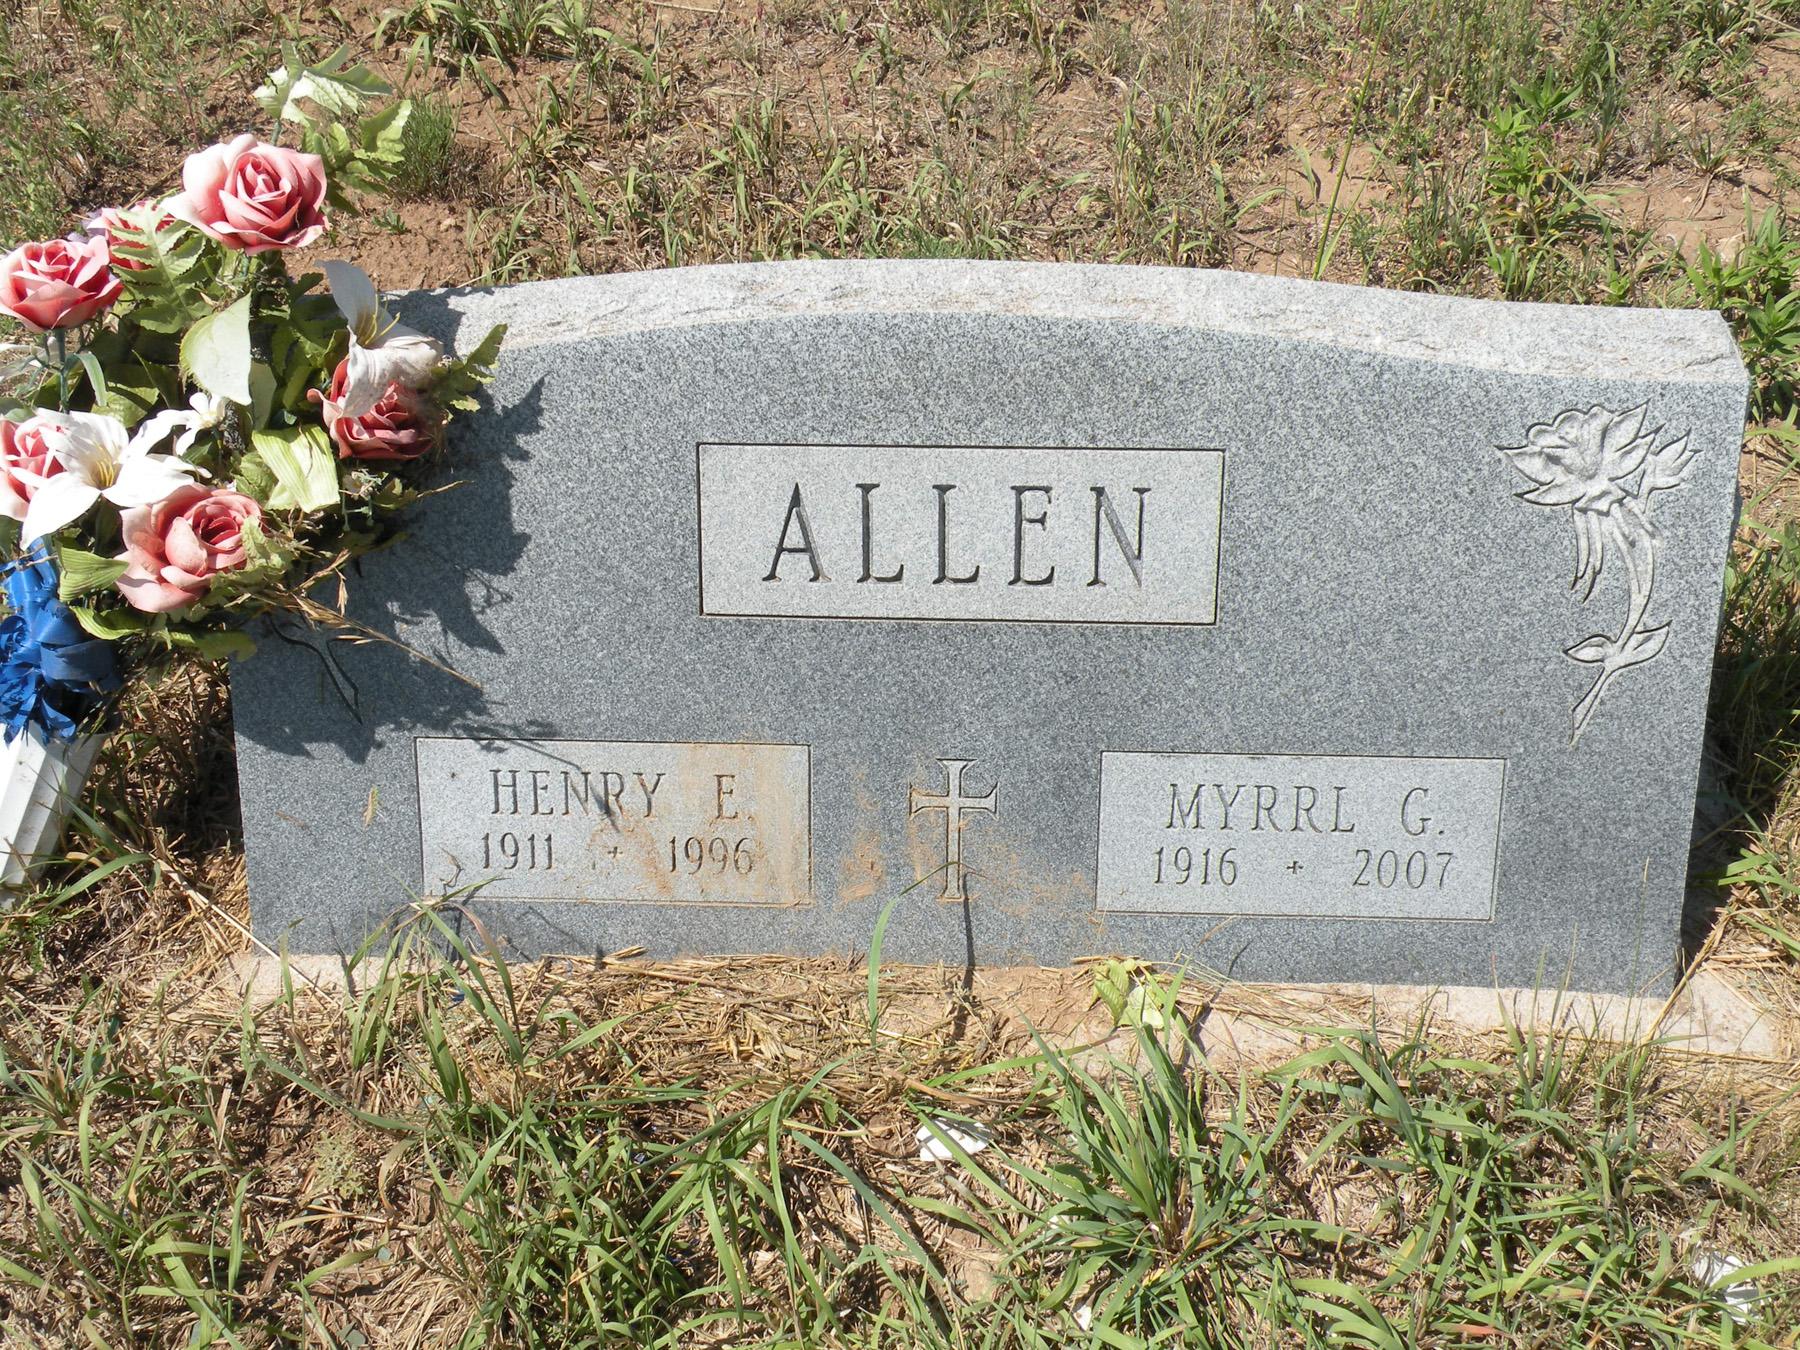 Henry Elijah Allen